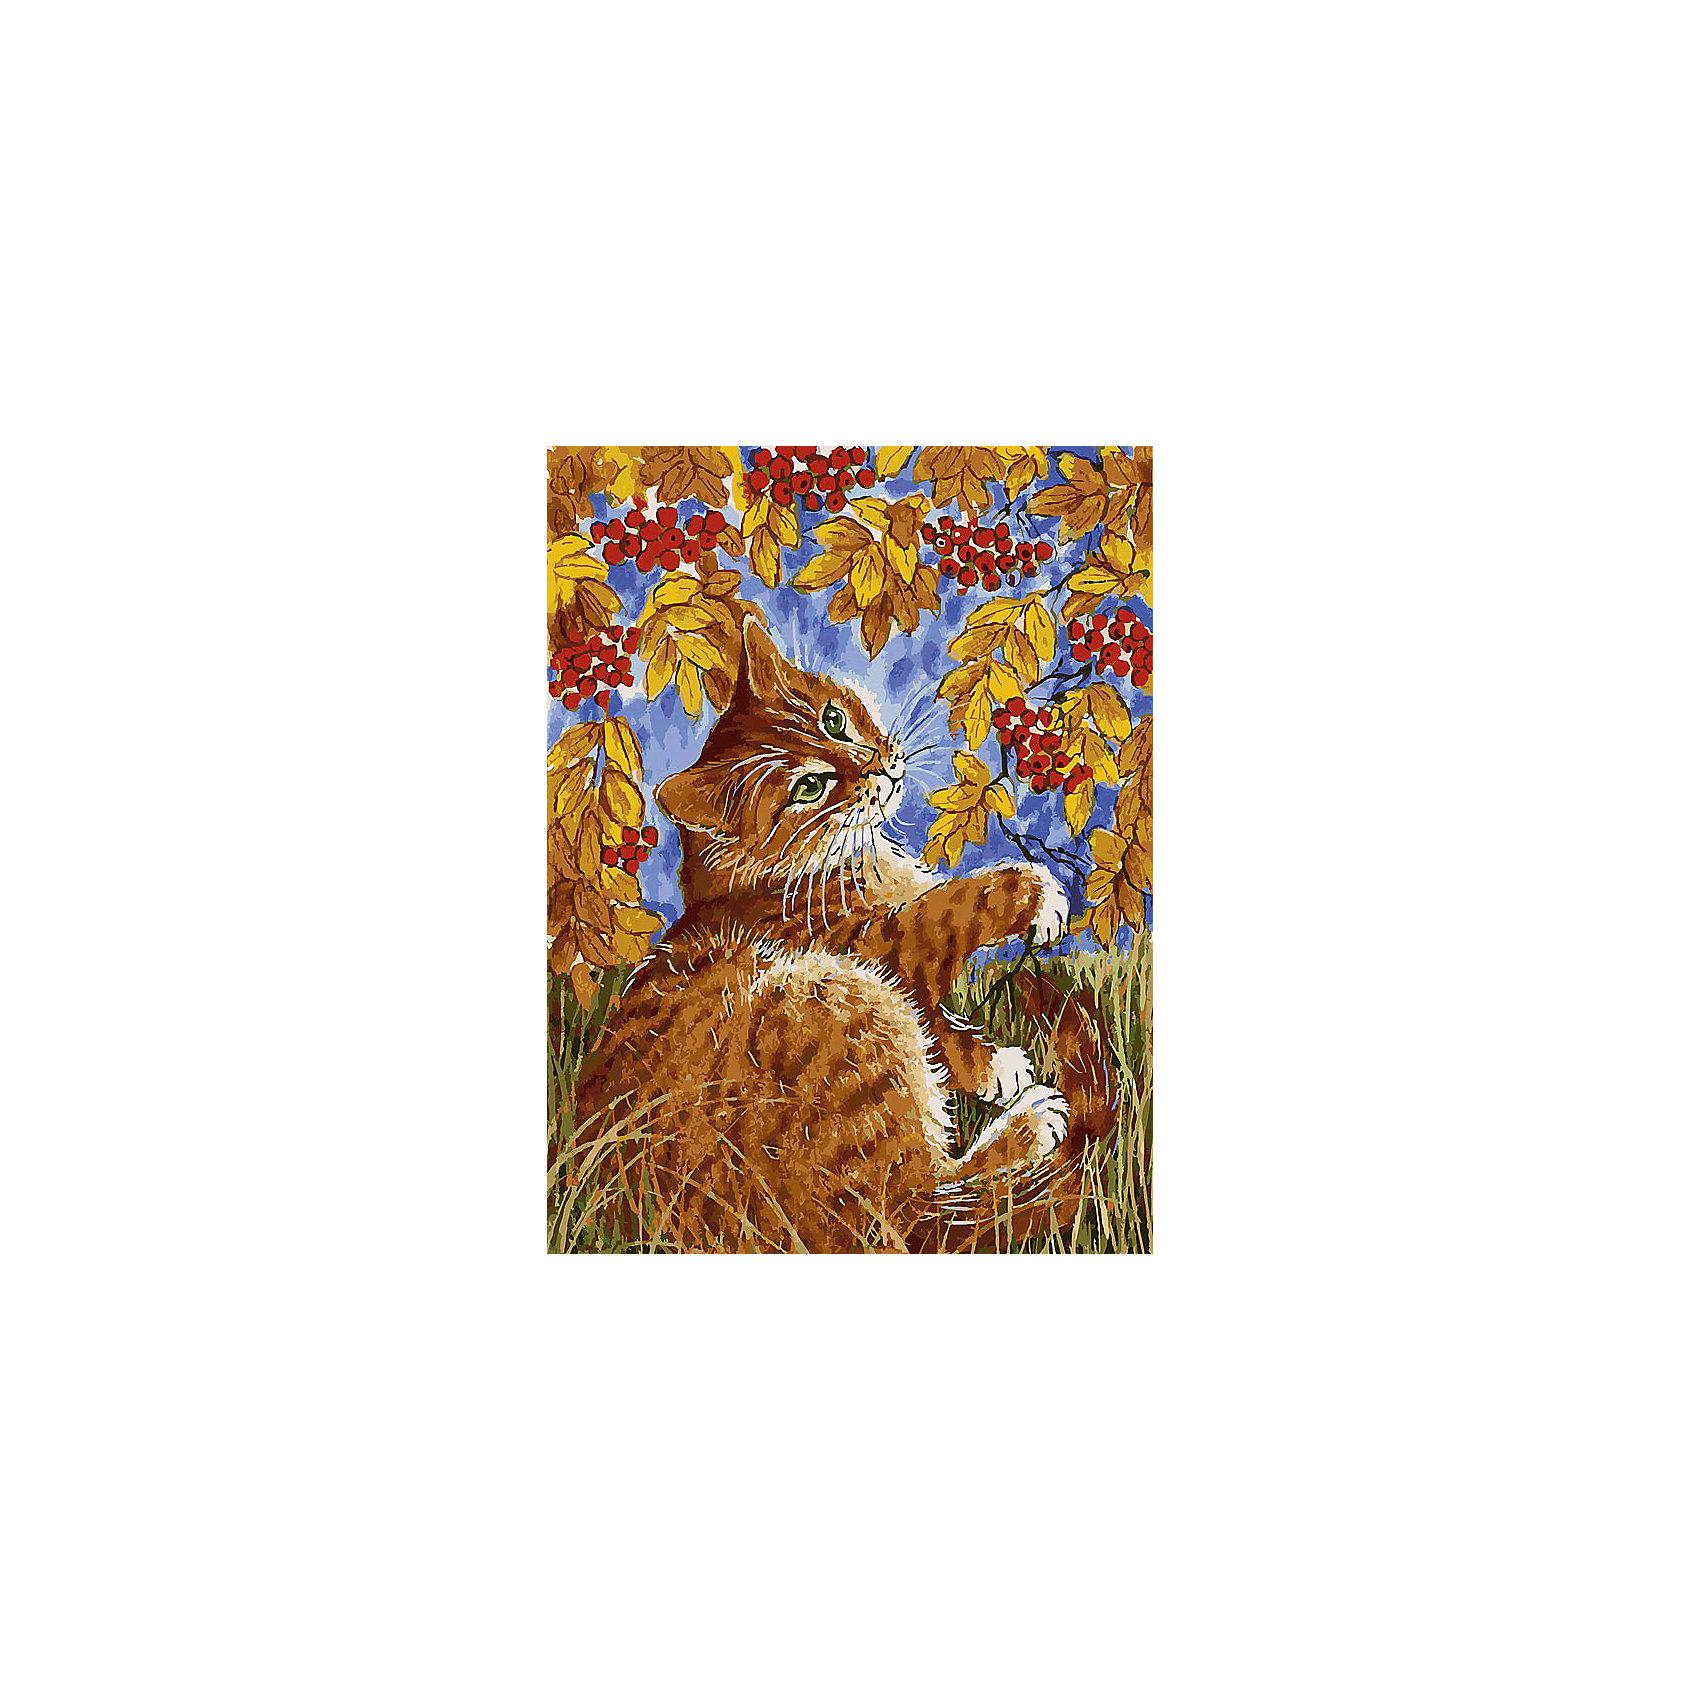 Живопись на холсте 30*40 см Кот с рябинойРаскраски по номерам<br>Характеристики товара:<br><br>• цвет: разноцветный<br>• материал: акрил, картон<br>• размер: 30 x 40 см<br>• комплектация: полотно на подрамнике с контурами рисунка, пробный лист с рисунком, набор акриловых красок, три кисти, крепление на стену для картины<br>• для детей от шести лет и взрослых<br>• не требует специальных навыков<br>• страна бренда: Китай<br>• страна изготовитель: Китай<br><br>Рисование - это занятие, которое любят многие дети и взрослые. Оно помогает развить важные навыки и просто приносит удовольствие! Чтобы вселить в ребенка уверенность в своих силах, можно предложить ему этот набор - в нем уже есть сюжет, контуры рисунка и участки с номерами, которые обозначают определенную краску из набора. Все оттенки уже готовы, задача художника - аккуратно, с помощью кисточек из набора, нанести краски на определенный участок полотна.<br>Взрослым также понравится этот процесс, рисовать можно и вместе с малышом! В итоге получается красивая картина, которой можно украсить интерьер. Рисование способствует развитию мелкой моторики, воображения, цветовосприятия, творческих способностей и усидчивости. Набор отлично проработан, сделан из качественных и проверенных материалов, которые безопасны для детей. Краски - акриловые, они быстро сохнут и легко смываются с кожи.<br><br>Живопись на холсте 30*40 см Кот с рябиной от торговой марки Белоснежка можно купить в нашем интернет-магазине.<br><br>Ширина мм: 410<br>Глубина мм: 310<br>Высота мм: 25<br>Вес г: 567<br>Возраст от месяцев: 72<br>Возраст до месяцев: 144<br>Пол: Унисекс<br>Возраст: Детский<br>SKU: 5089671